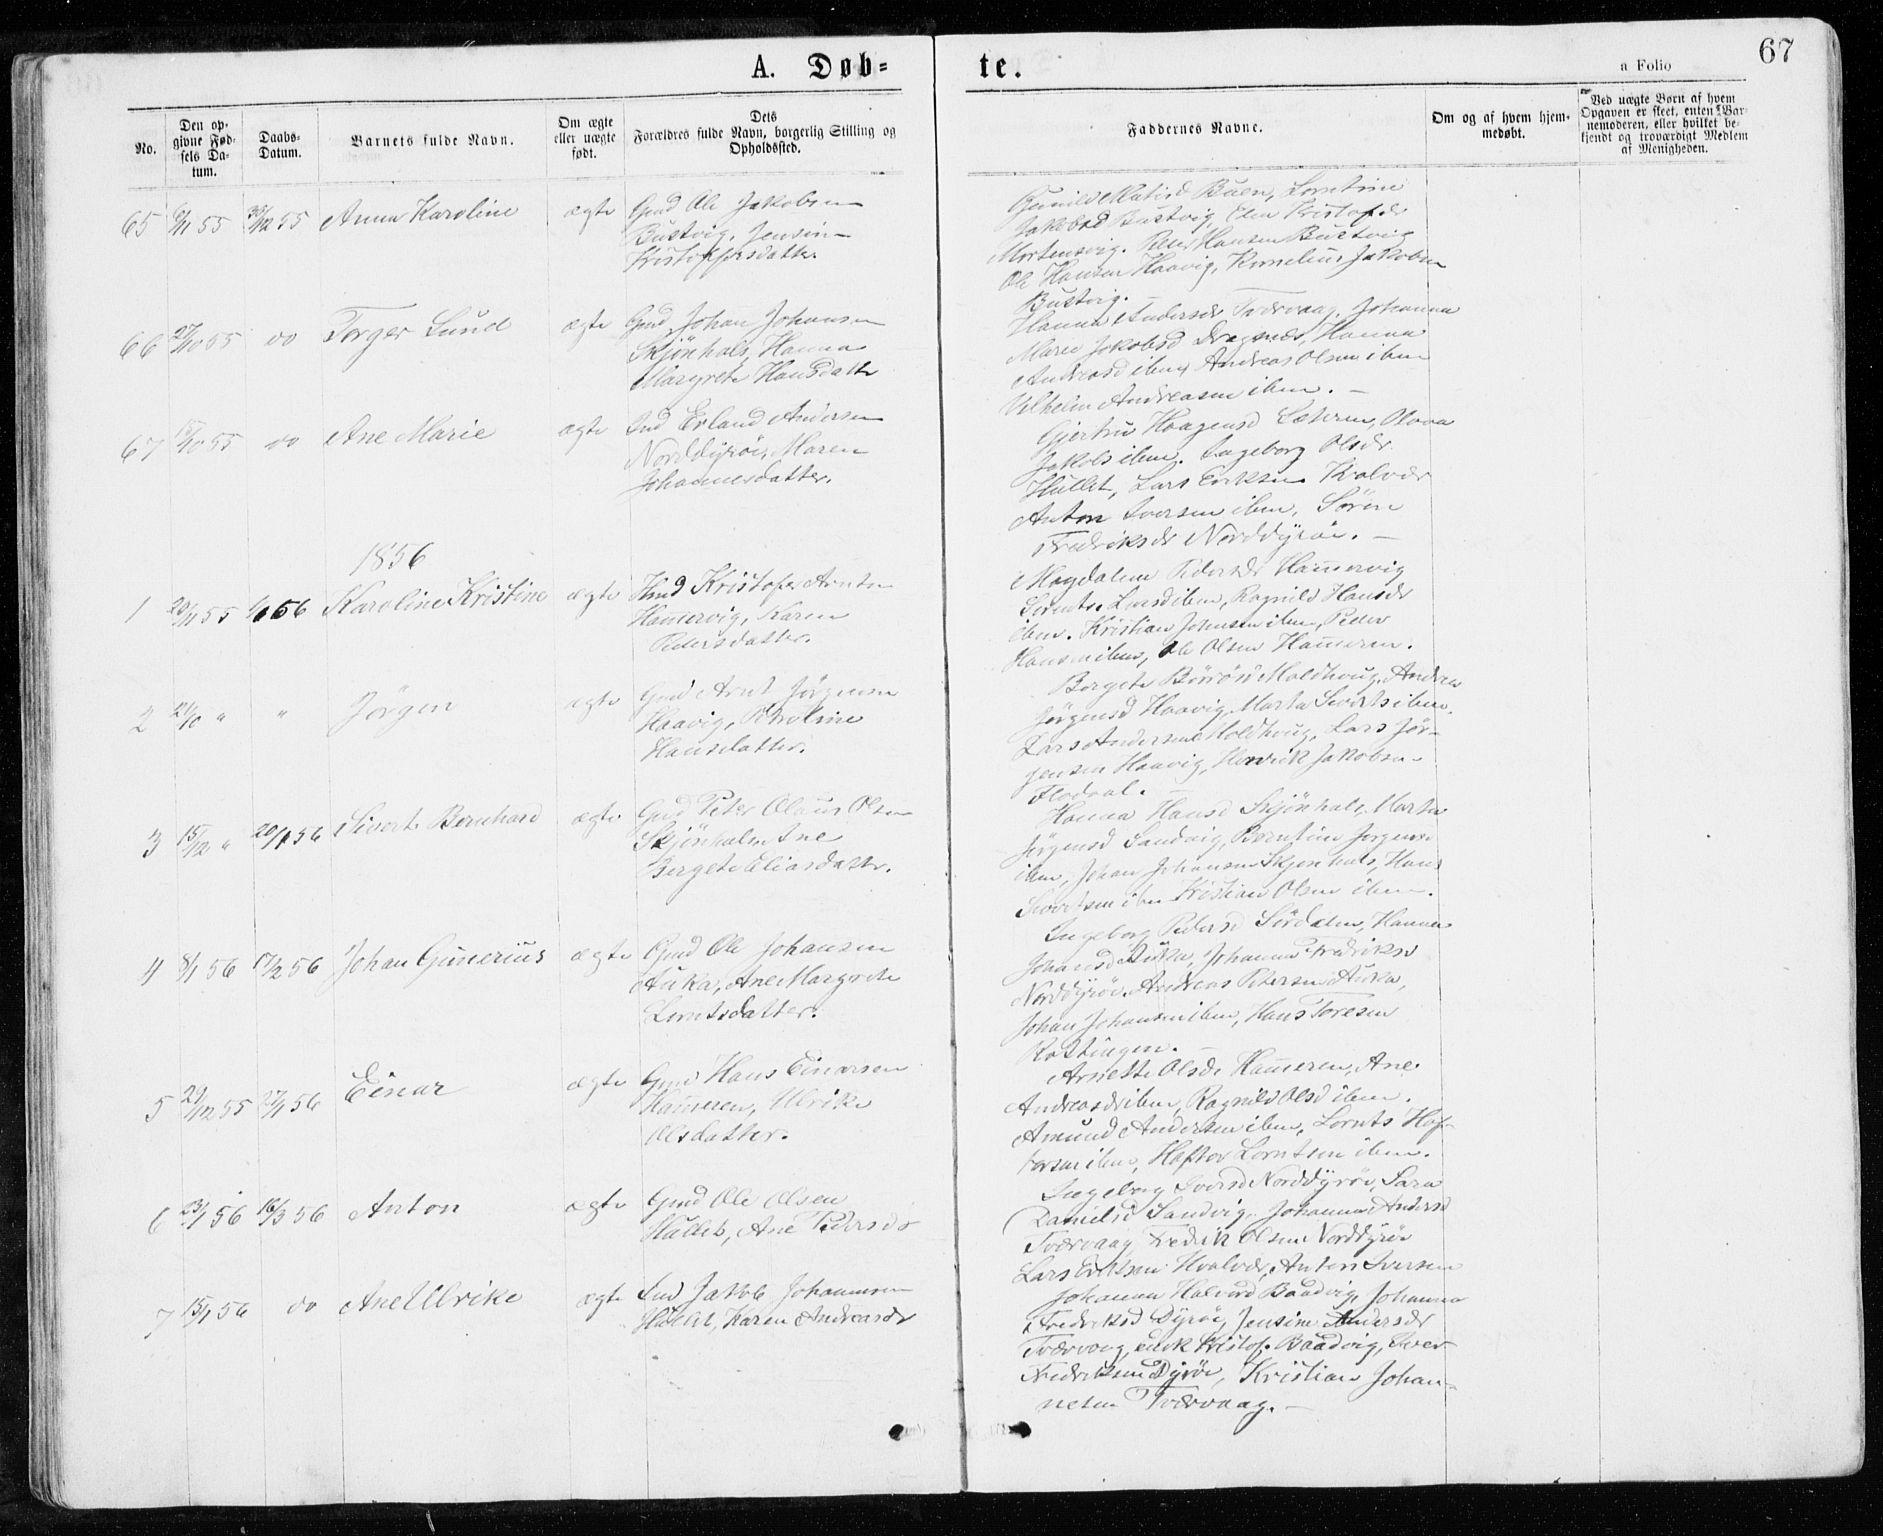 SAT, Ministerialprotokoller, klokkerbøker og fødselsregistre - Sør-Trøndelag, 640/L0576: Ministerialbok nr. 640A01, 1846-1876, s. 67